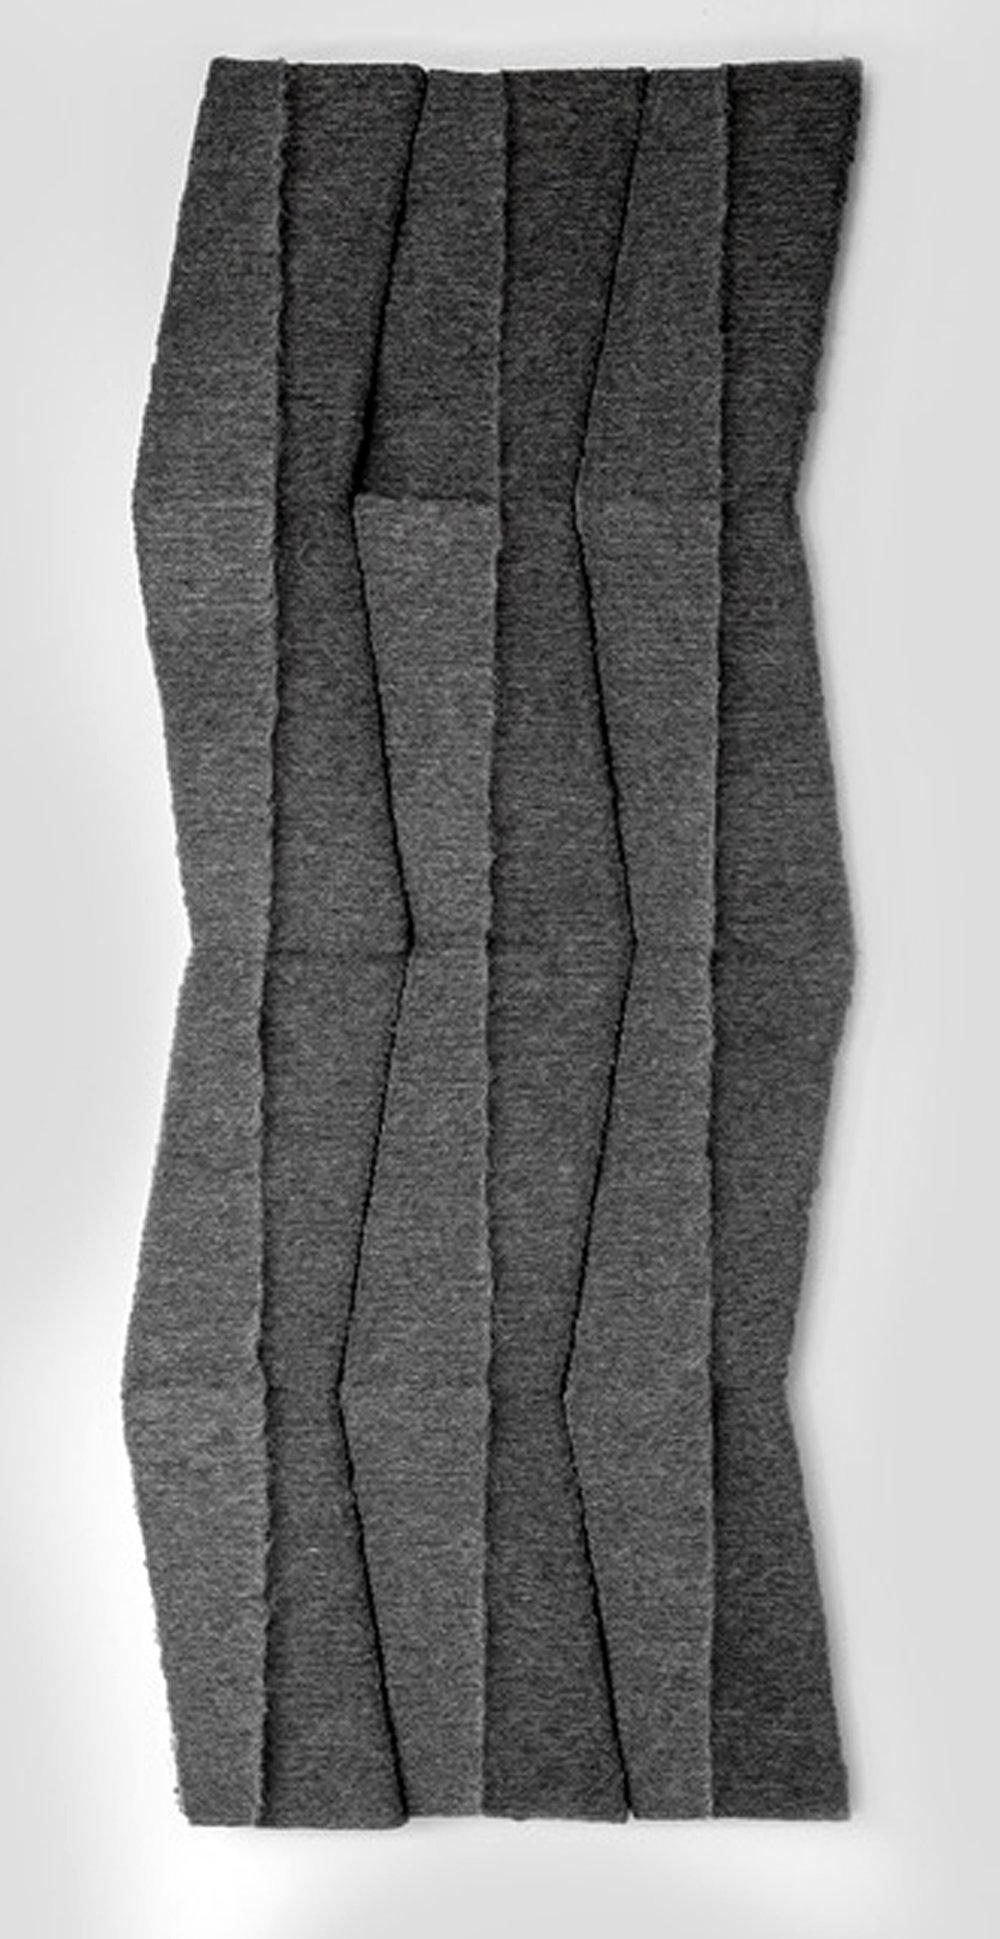 MARCIE MILLER GROSS | Untitled (Zig Zag), 66 x 25 x 2 inches / 168 x 64 x 5 cm, wool industrial felt, 2015